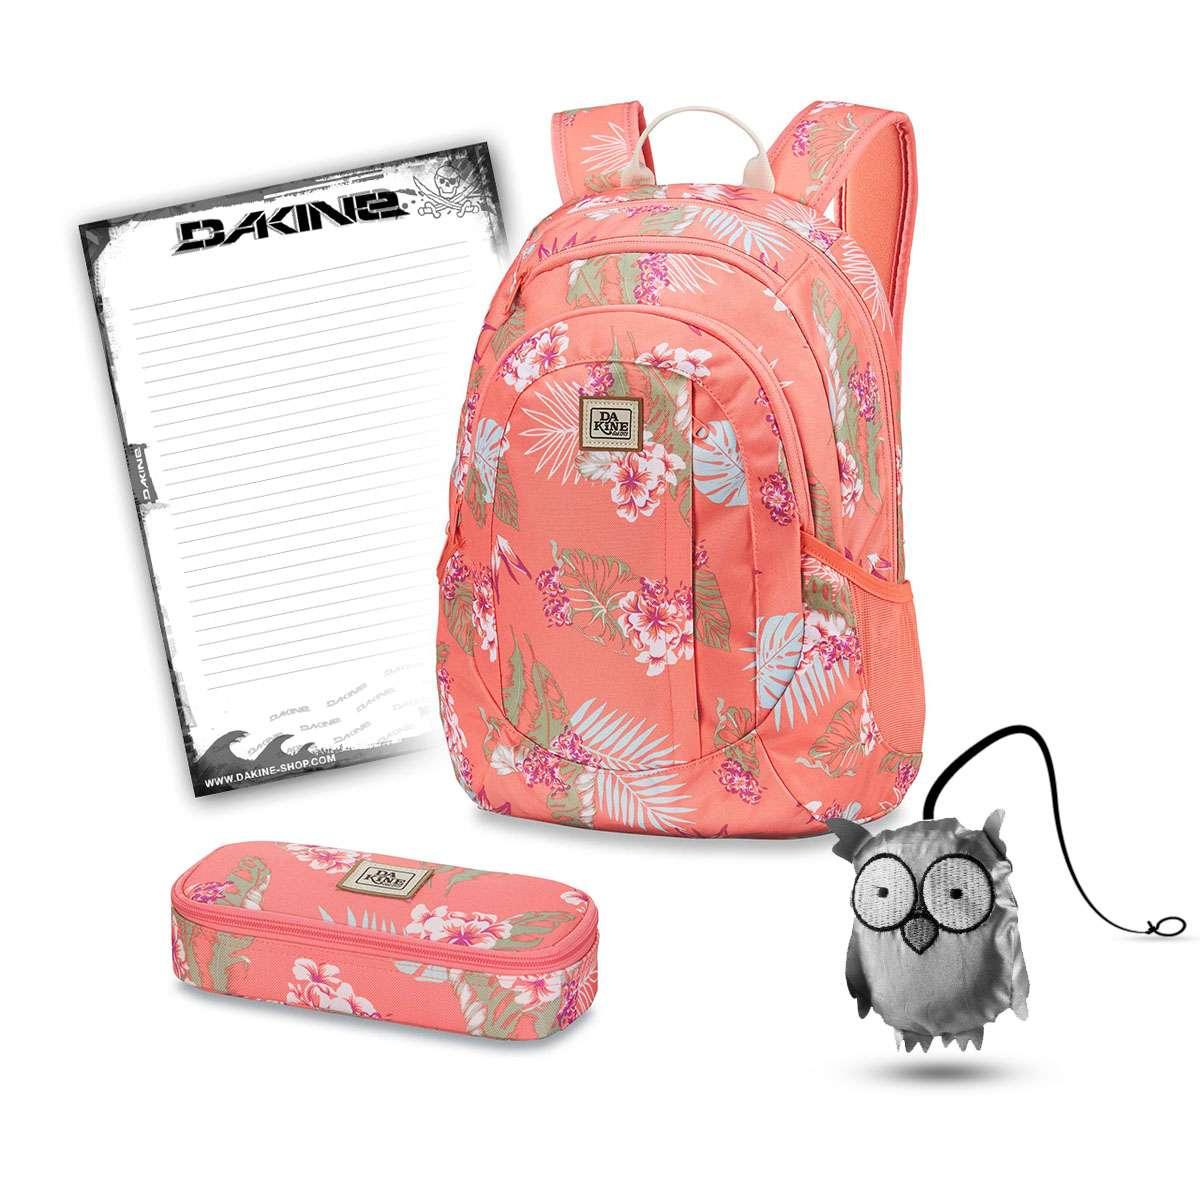 c73d8e77a53fd Dakine Garden 20L + School Case + Emma + Block School Set Waikiki ...